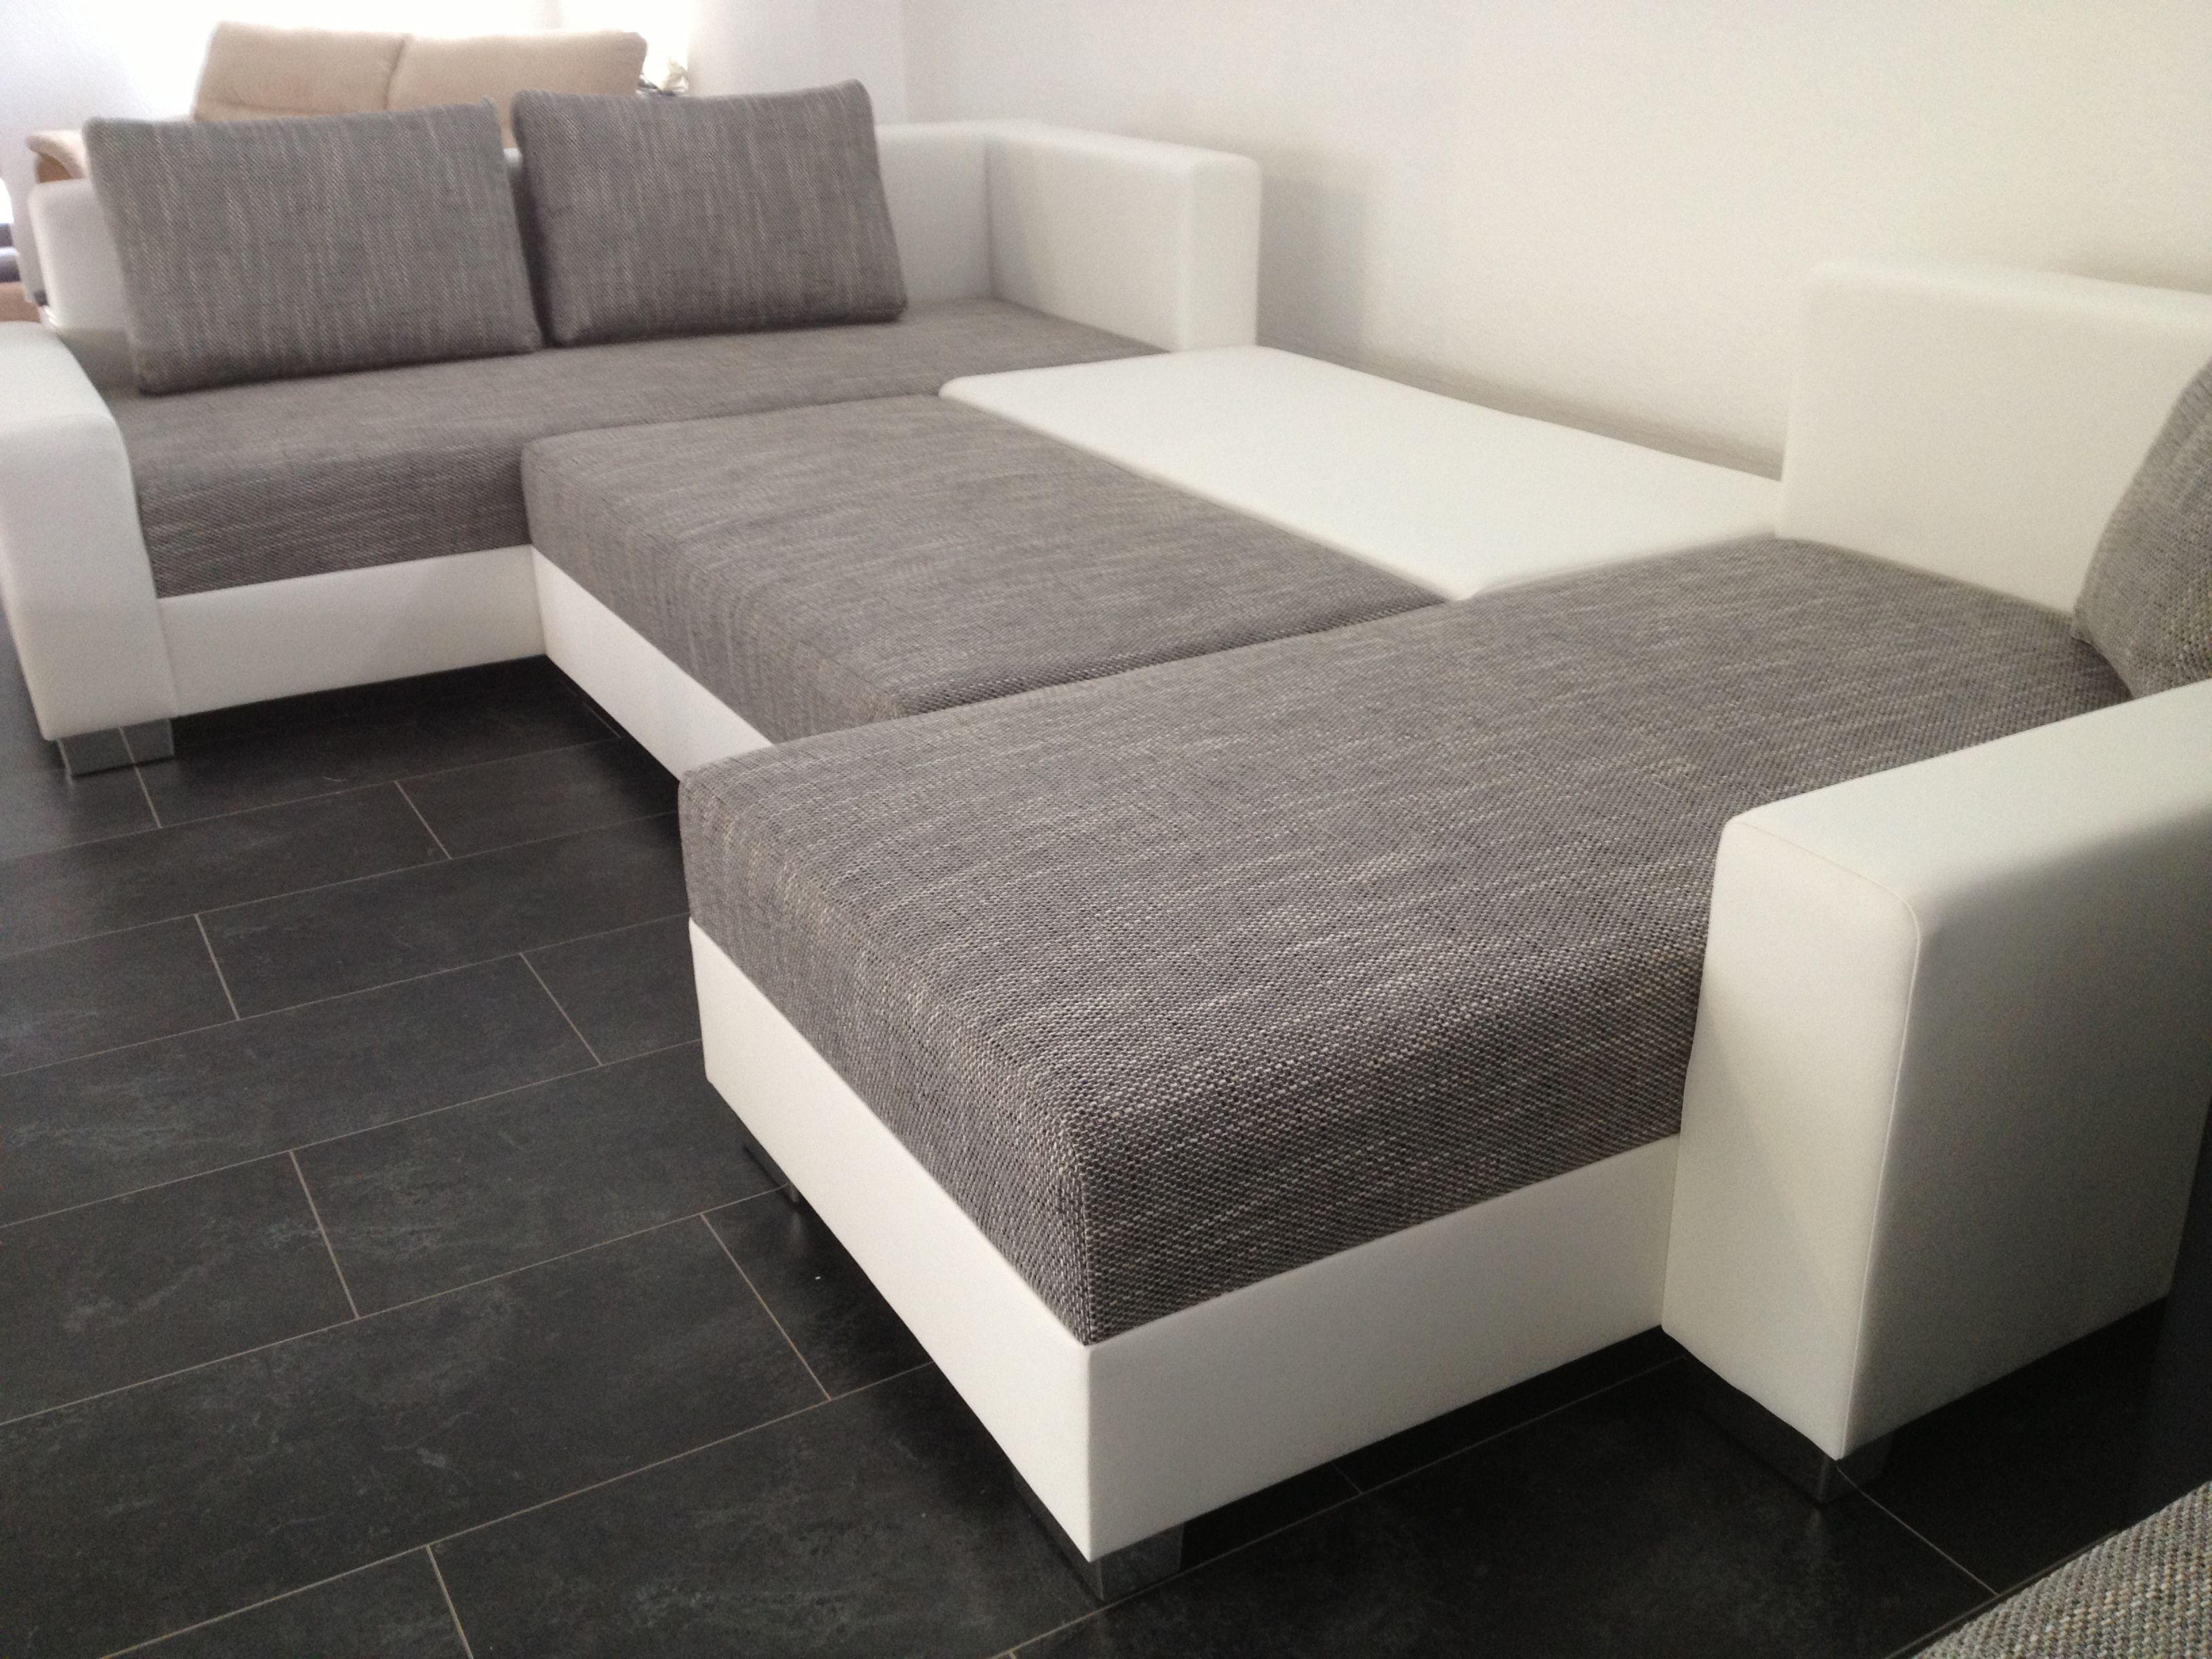 Eitelkeit Sofa Billig Kaufen Das Beste Von Www.sofa-günstig-kaufen.de Möbel Sofort Auf Lager !